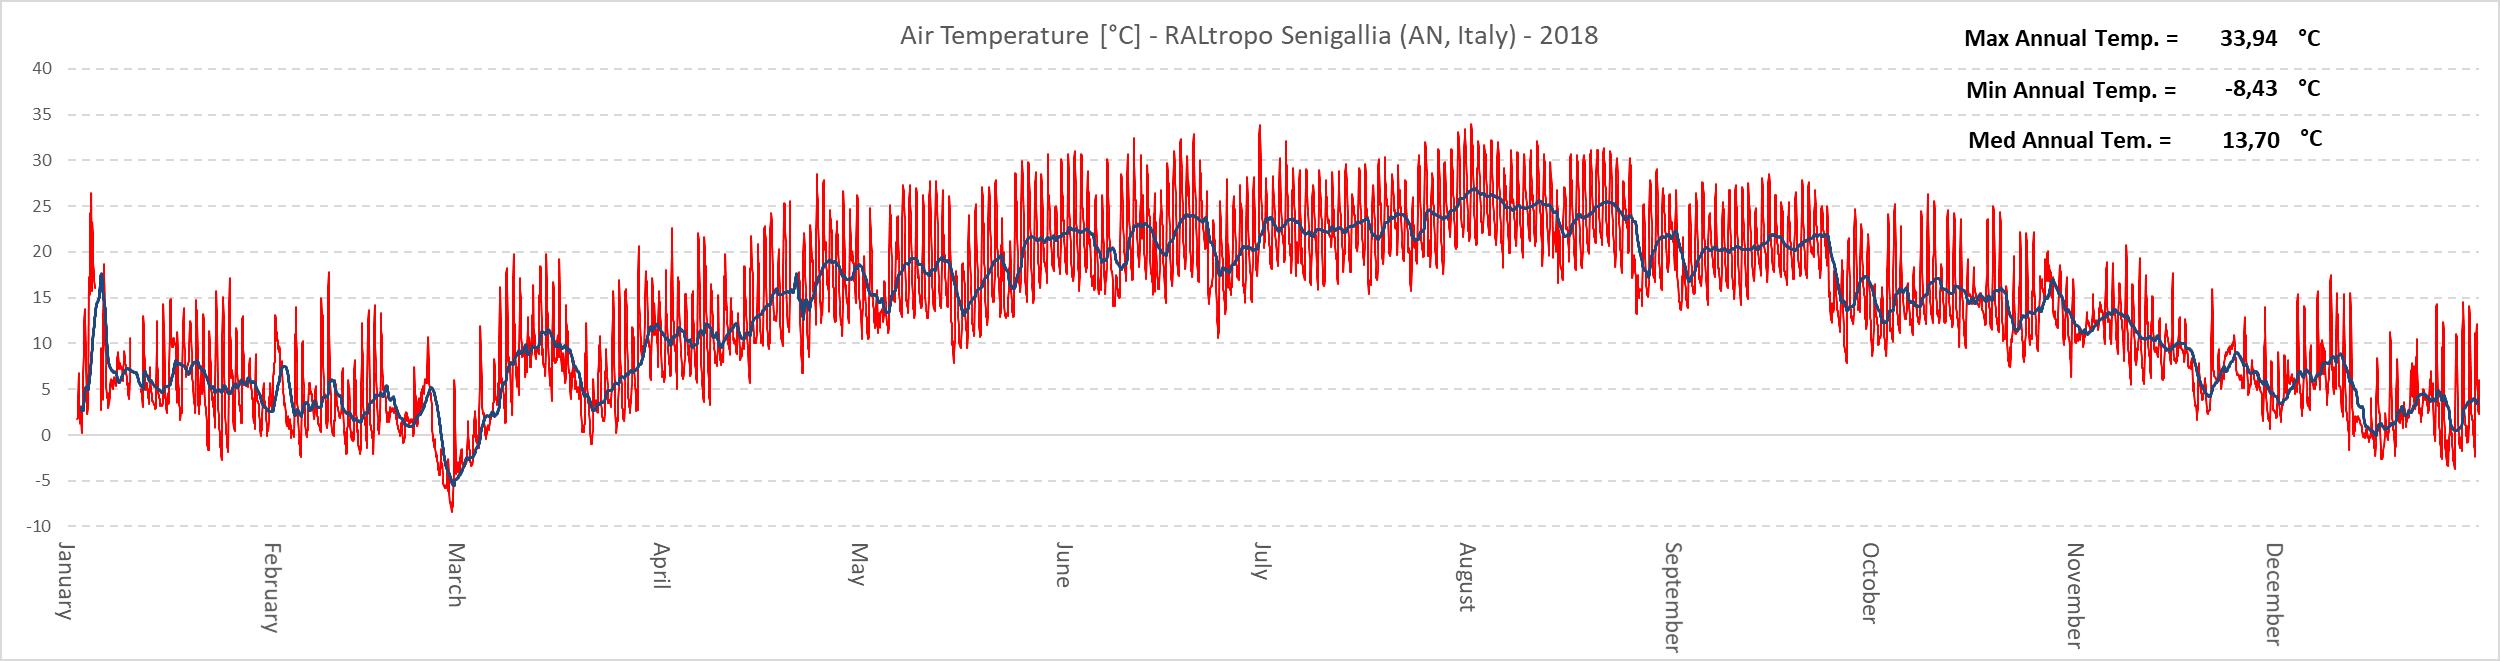 Variazioni annuali della temperatura dell'aria misurate a un'altezza di circa 9 metri dal suolo. La traccia di colore blu rappresenta il valore medio giornaliero della temperatura, quella di colore rosso descrive le oscillazioni giornaliere.